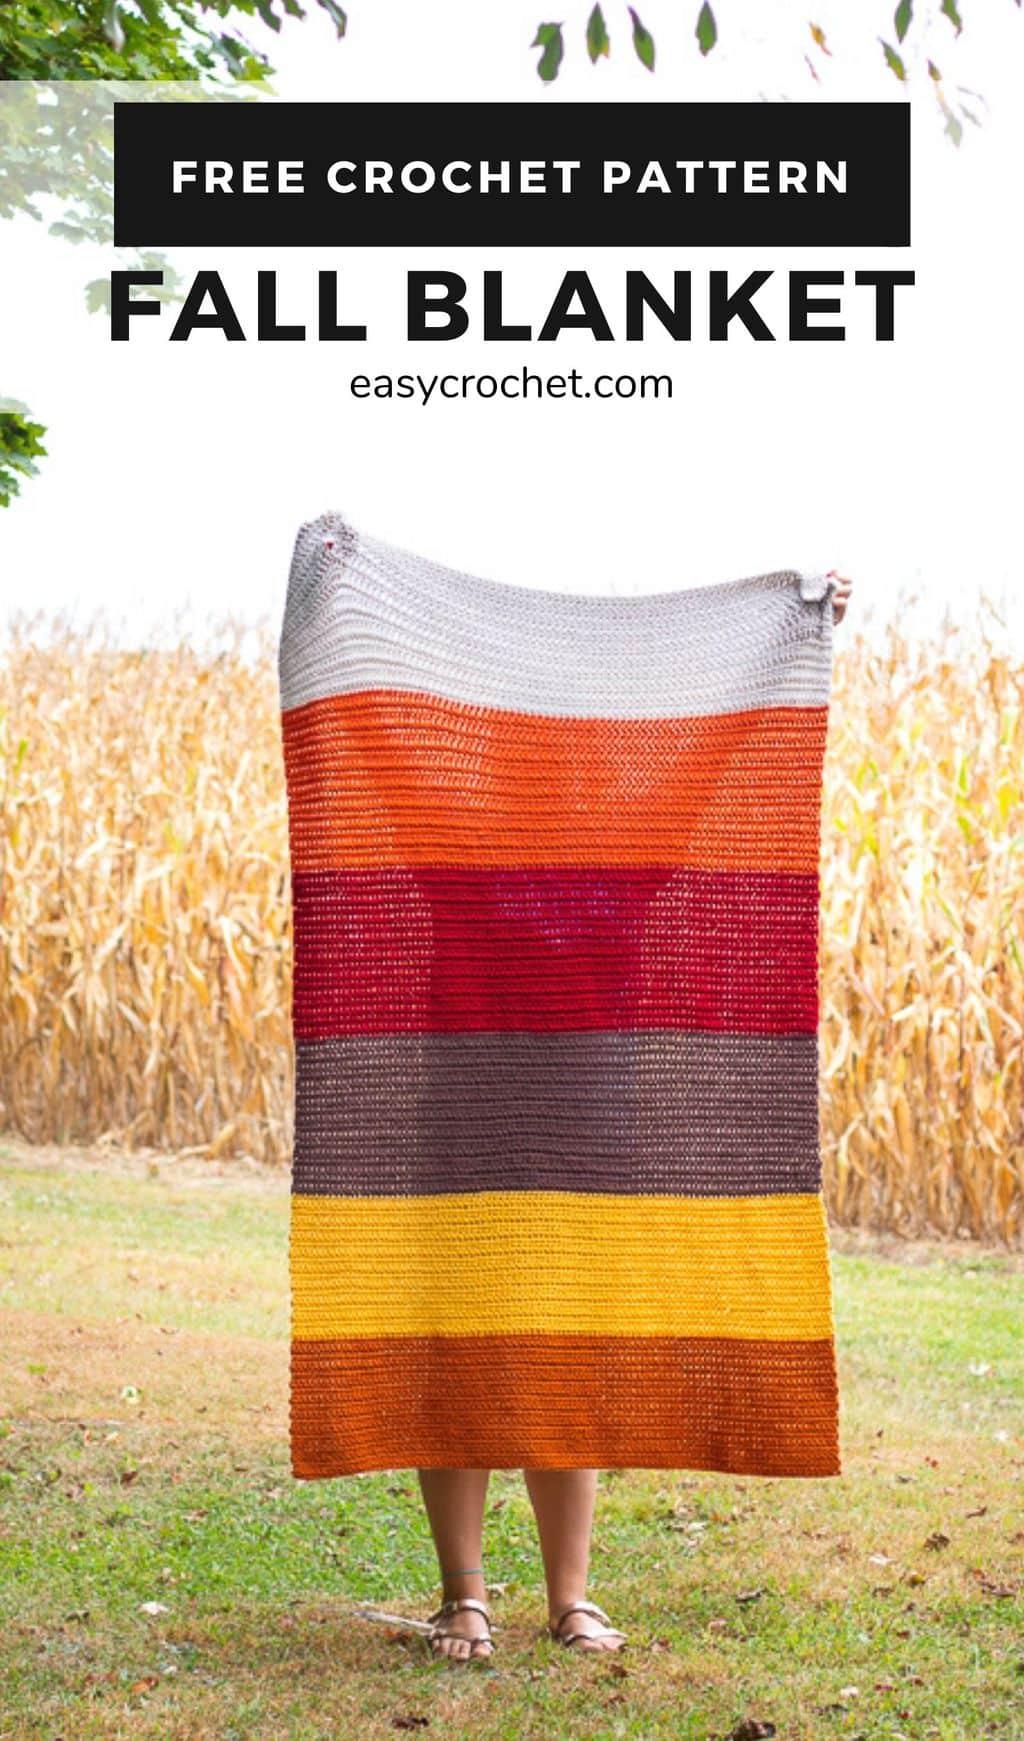 Fall Blanket Crochet Pattern